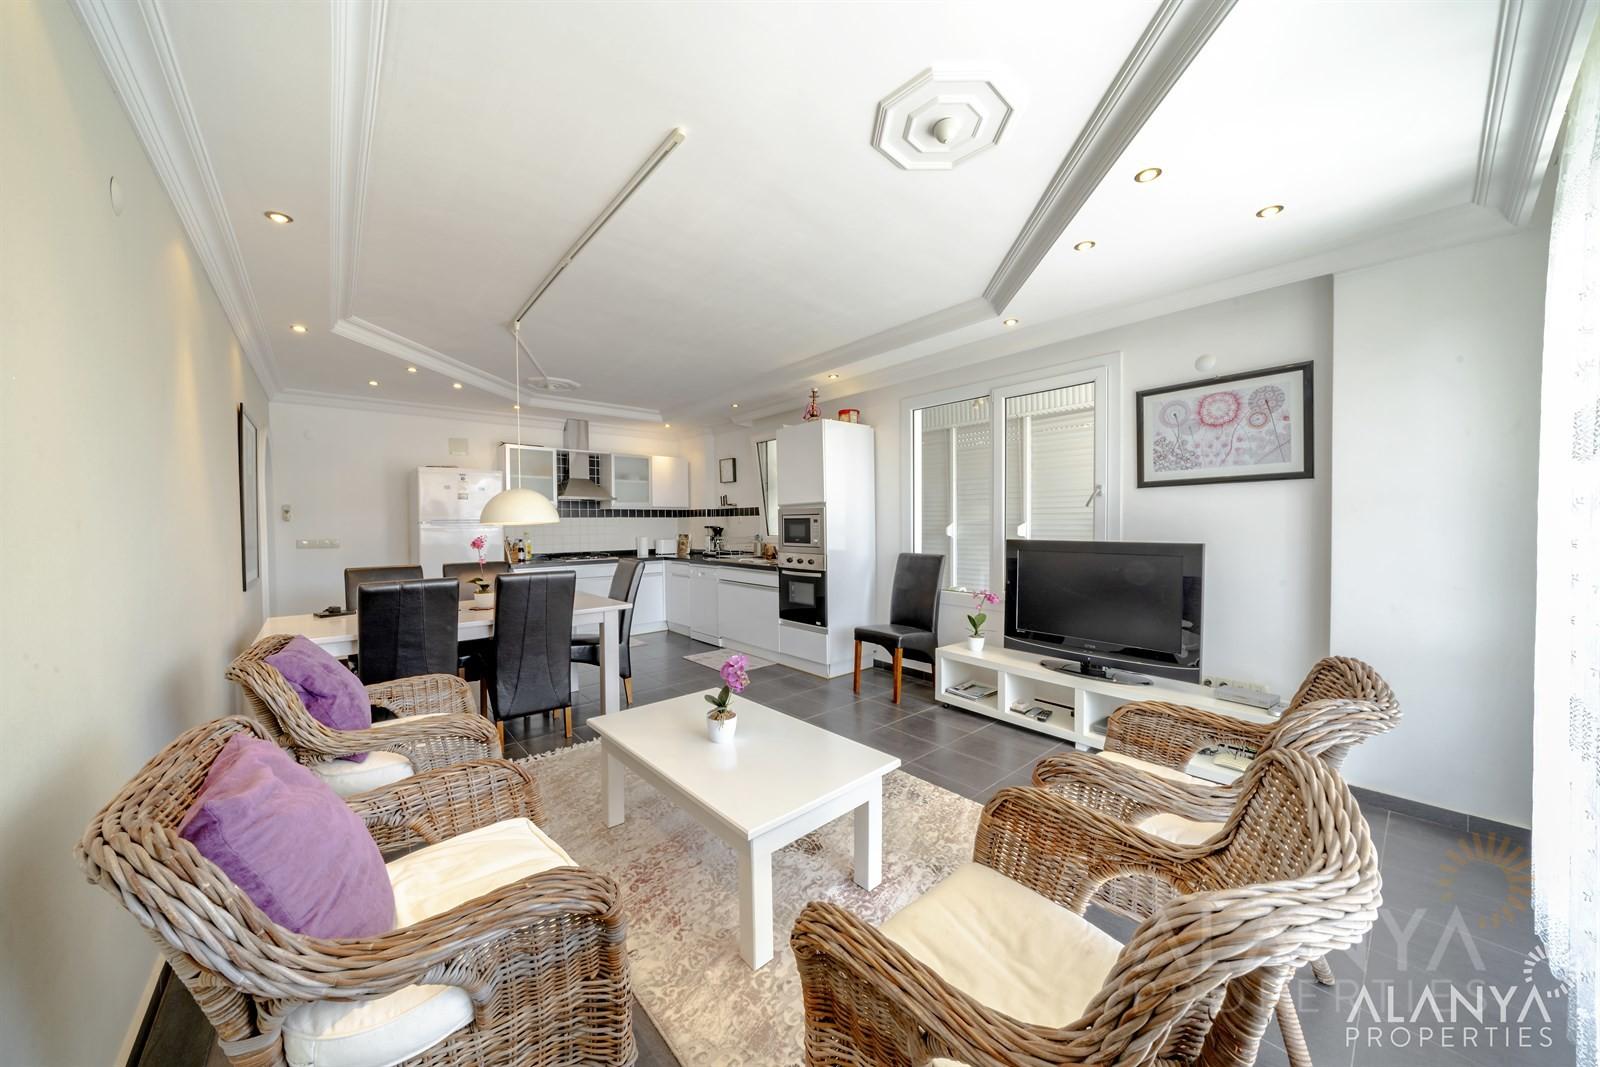 Appartement-penthouse en duplex – 4 chambres – très bien situé à Tosmur, Alanya